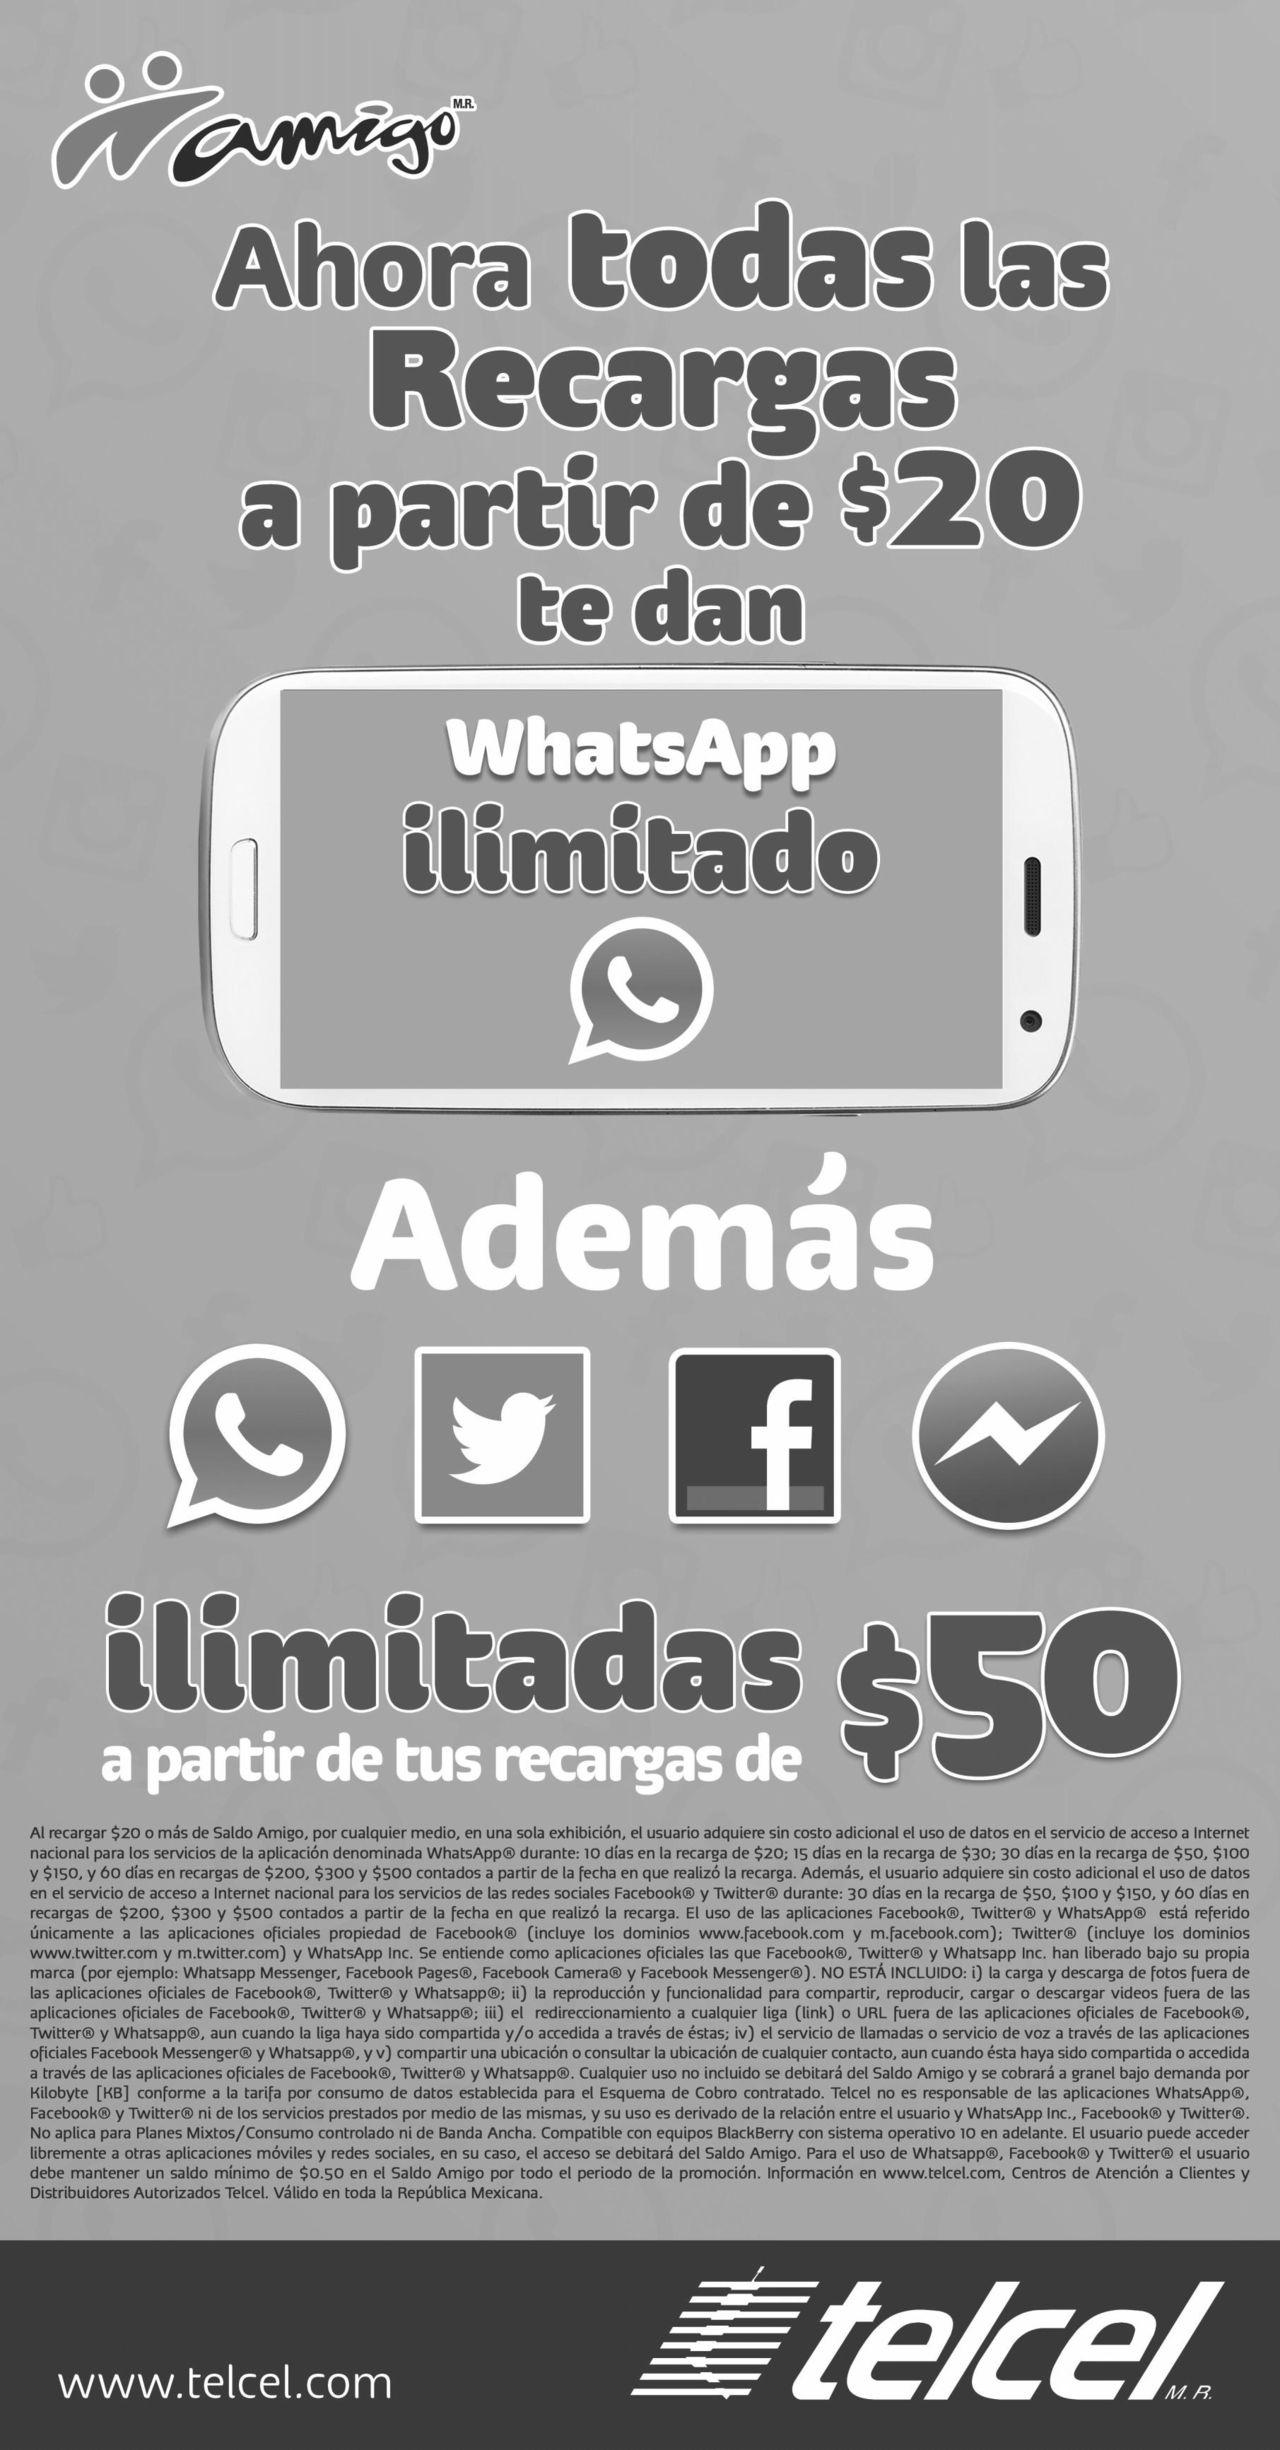 AHORA TODAS LAS RECARGAS TELCEL A PARTIR DE $20 PESOS WHATSAPP ILIMITADO